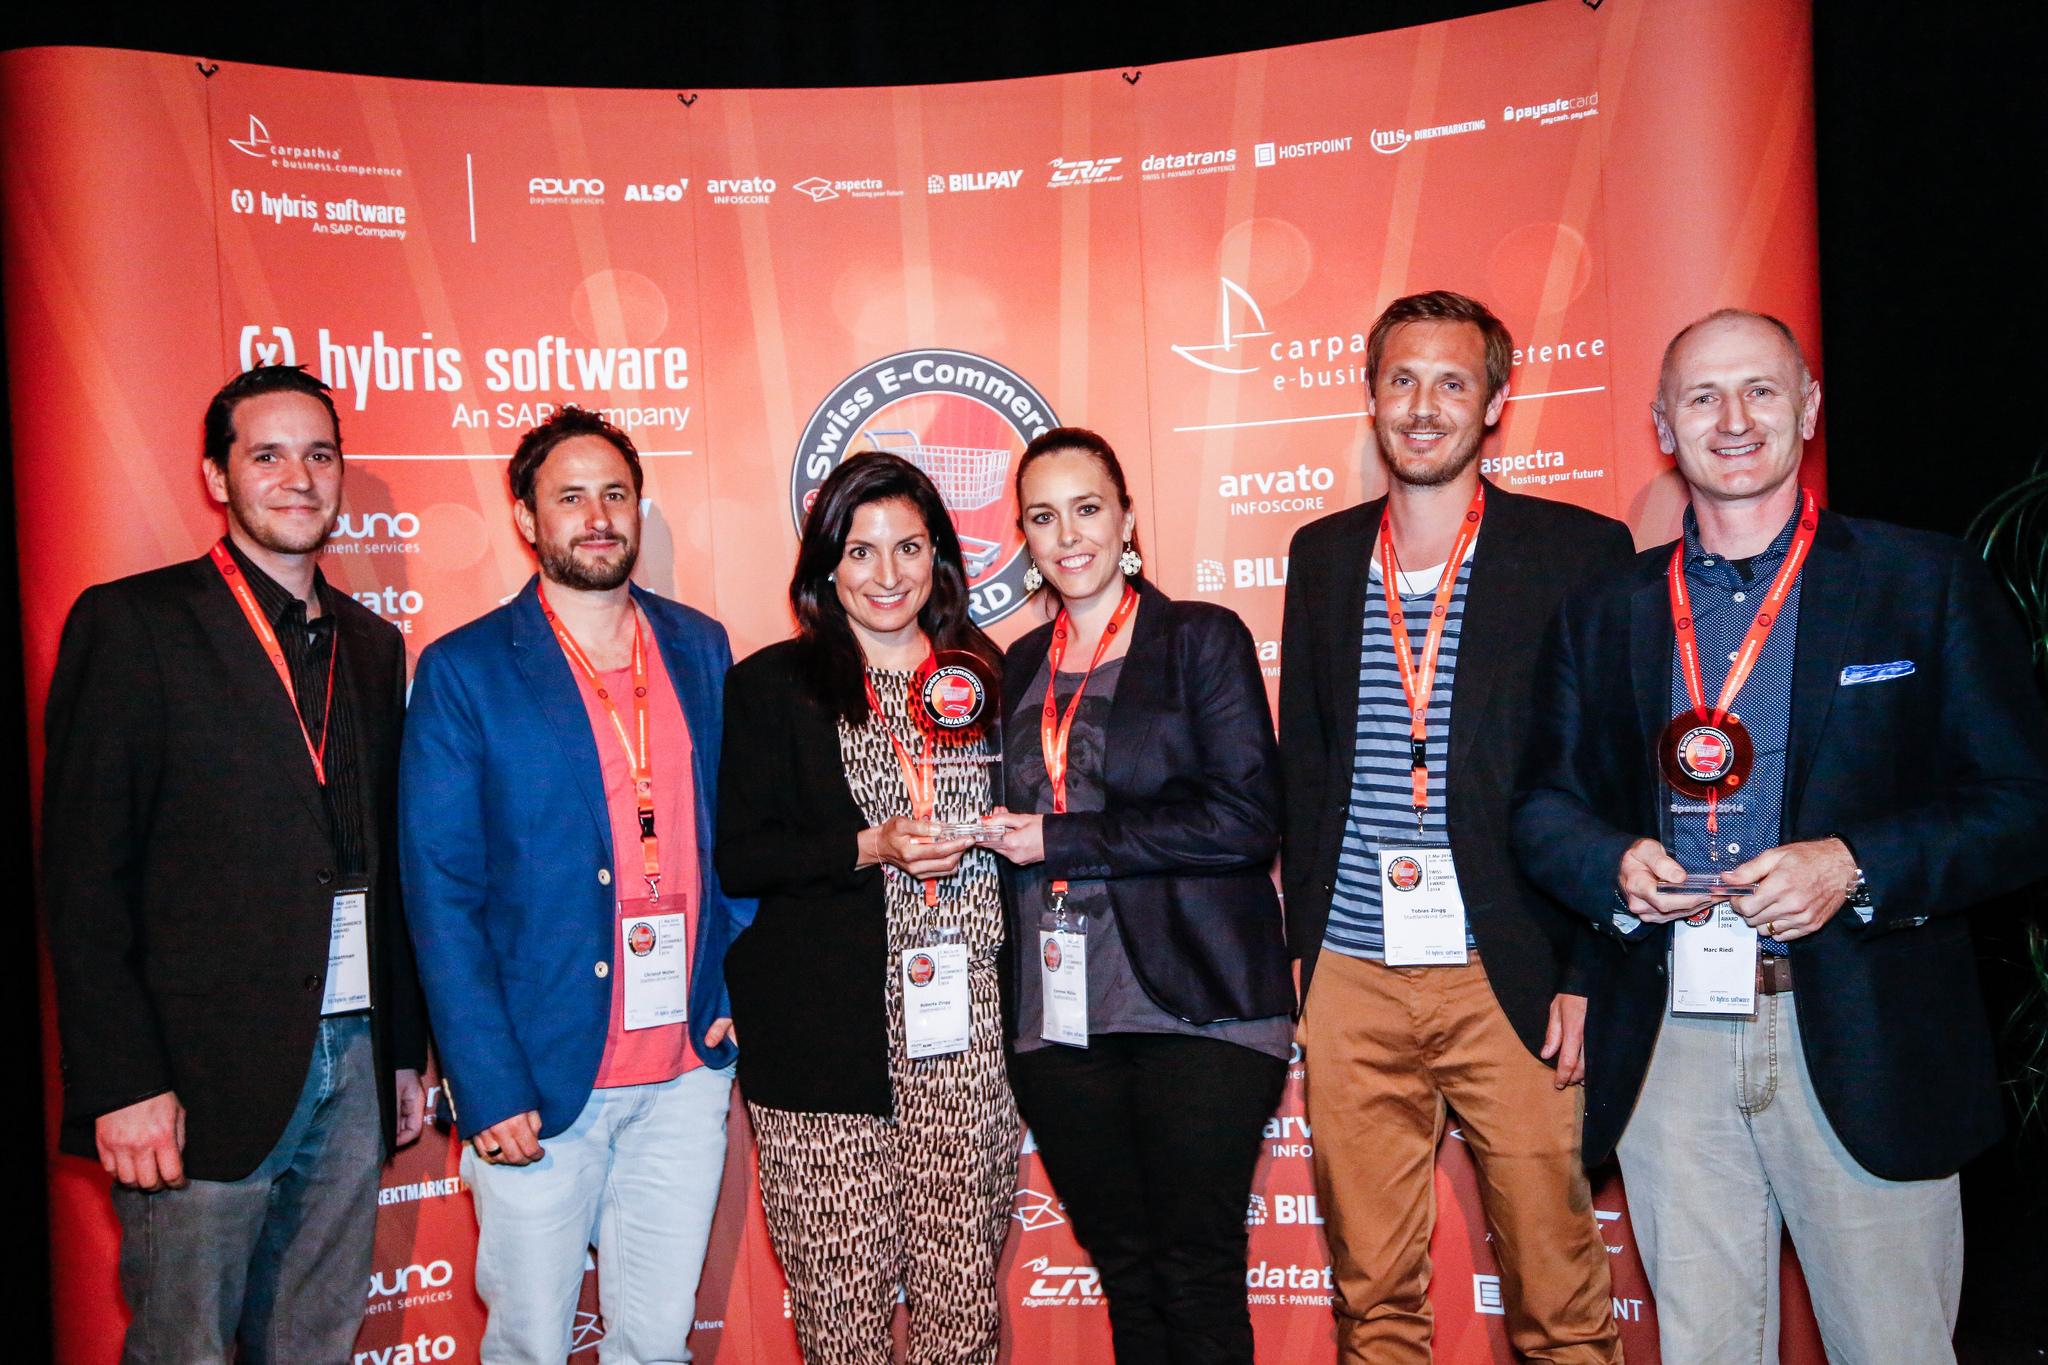 Das Team von stadtlandkind.ch - Gewinner Swiss E-Commerce Newcomer Award 2014 mit Tobias Zingg (2. von rechts) und Marc Riedi vom Kategorien-Sponsor Paysafecard (rechts)